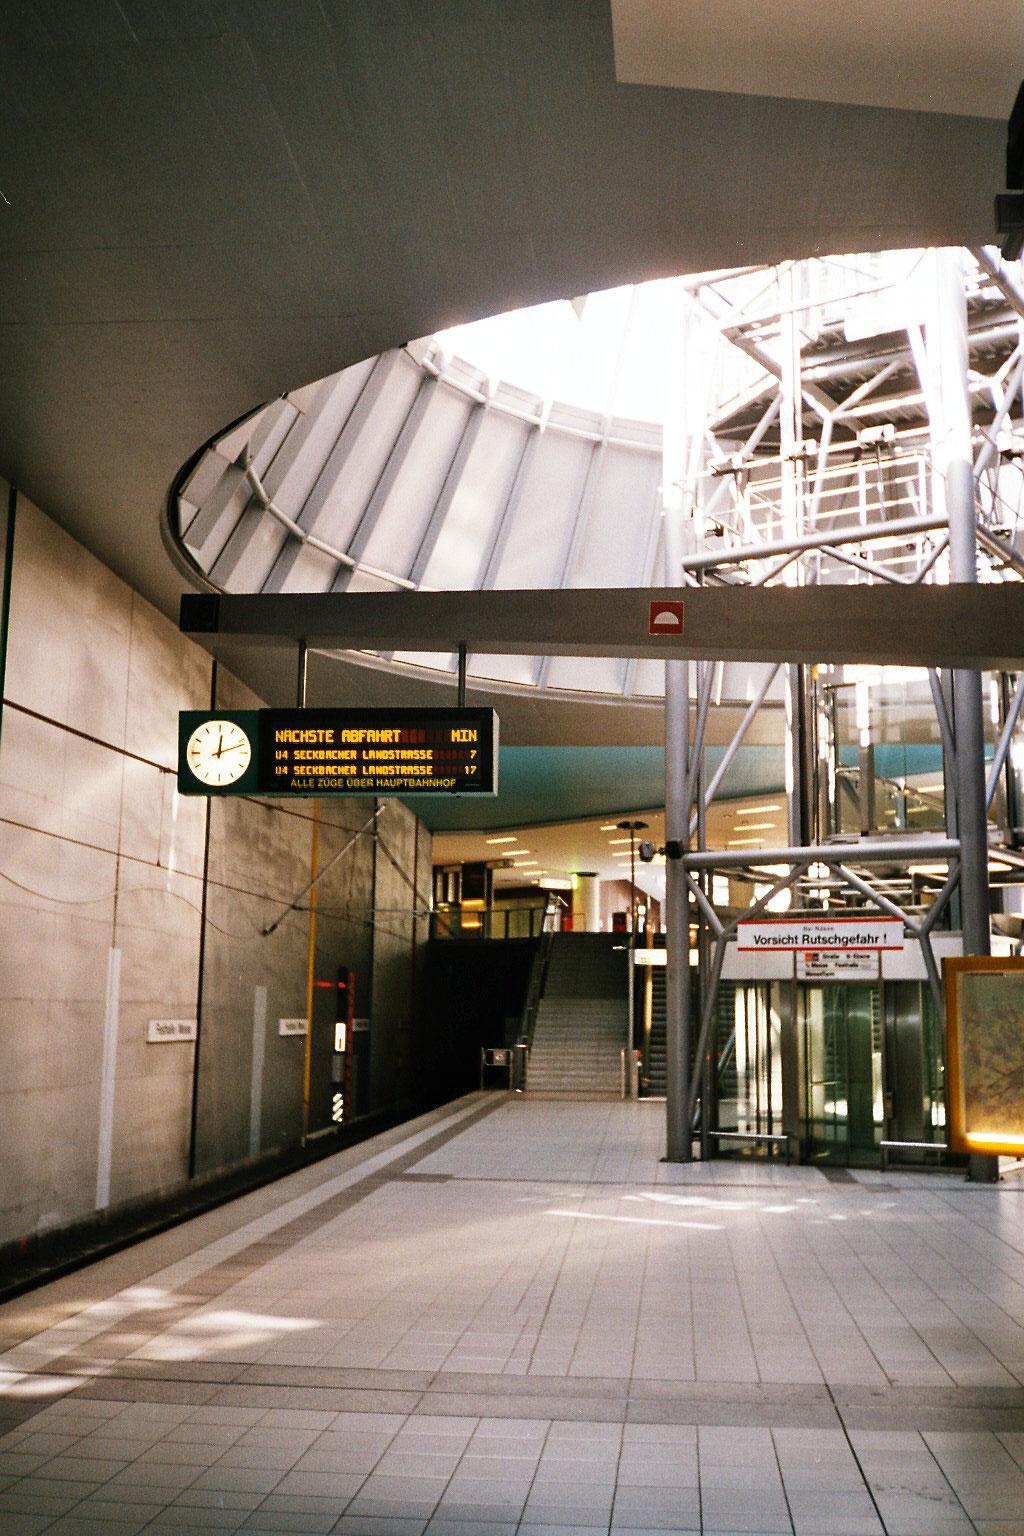 U-bahn Frankfurt Frankfurt U-bahn German